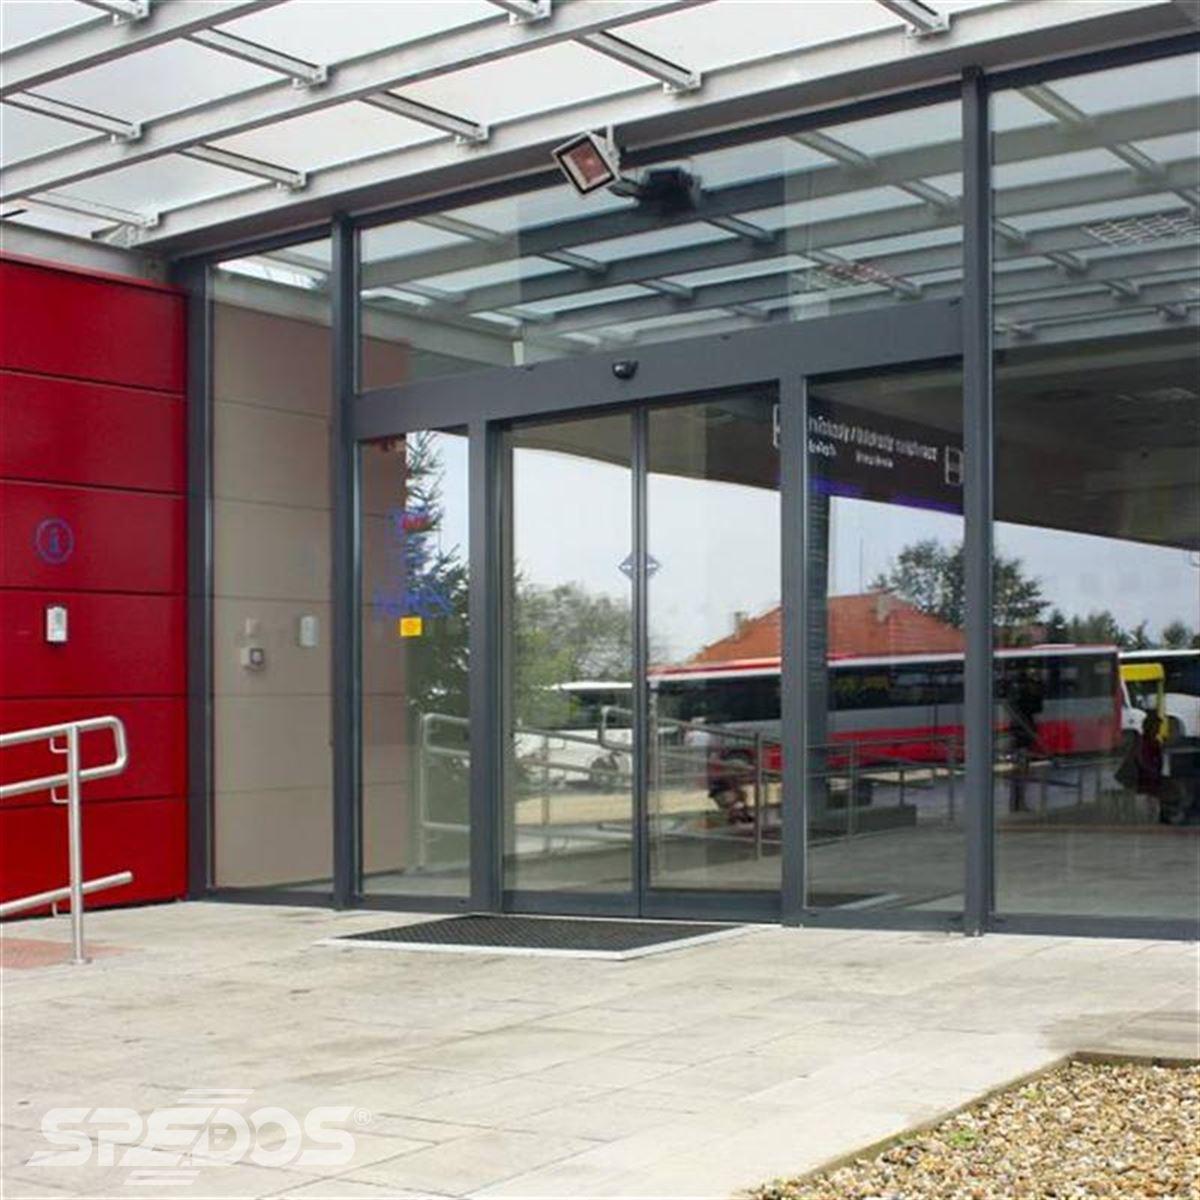 vstup na nádraží s automatickými dveřmi Spedos